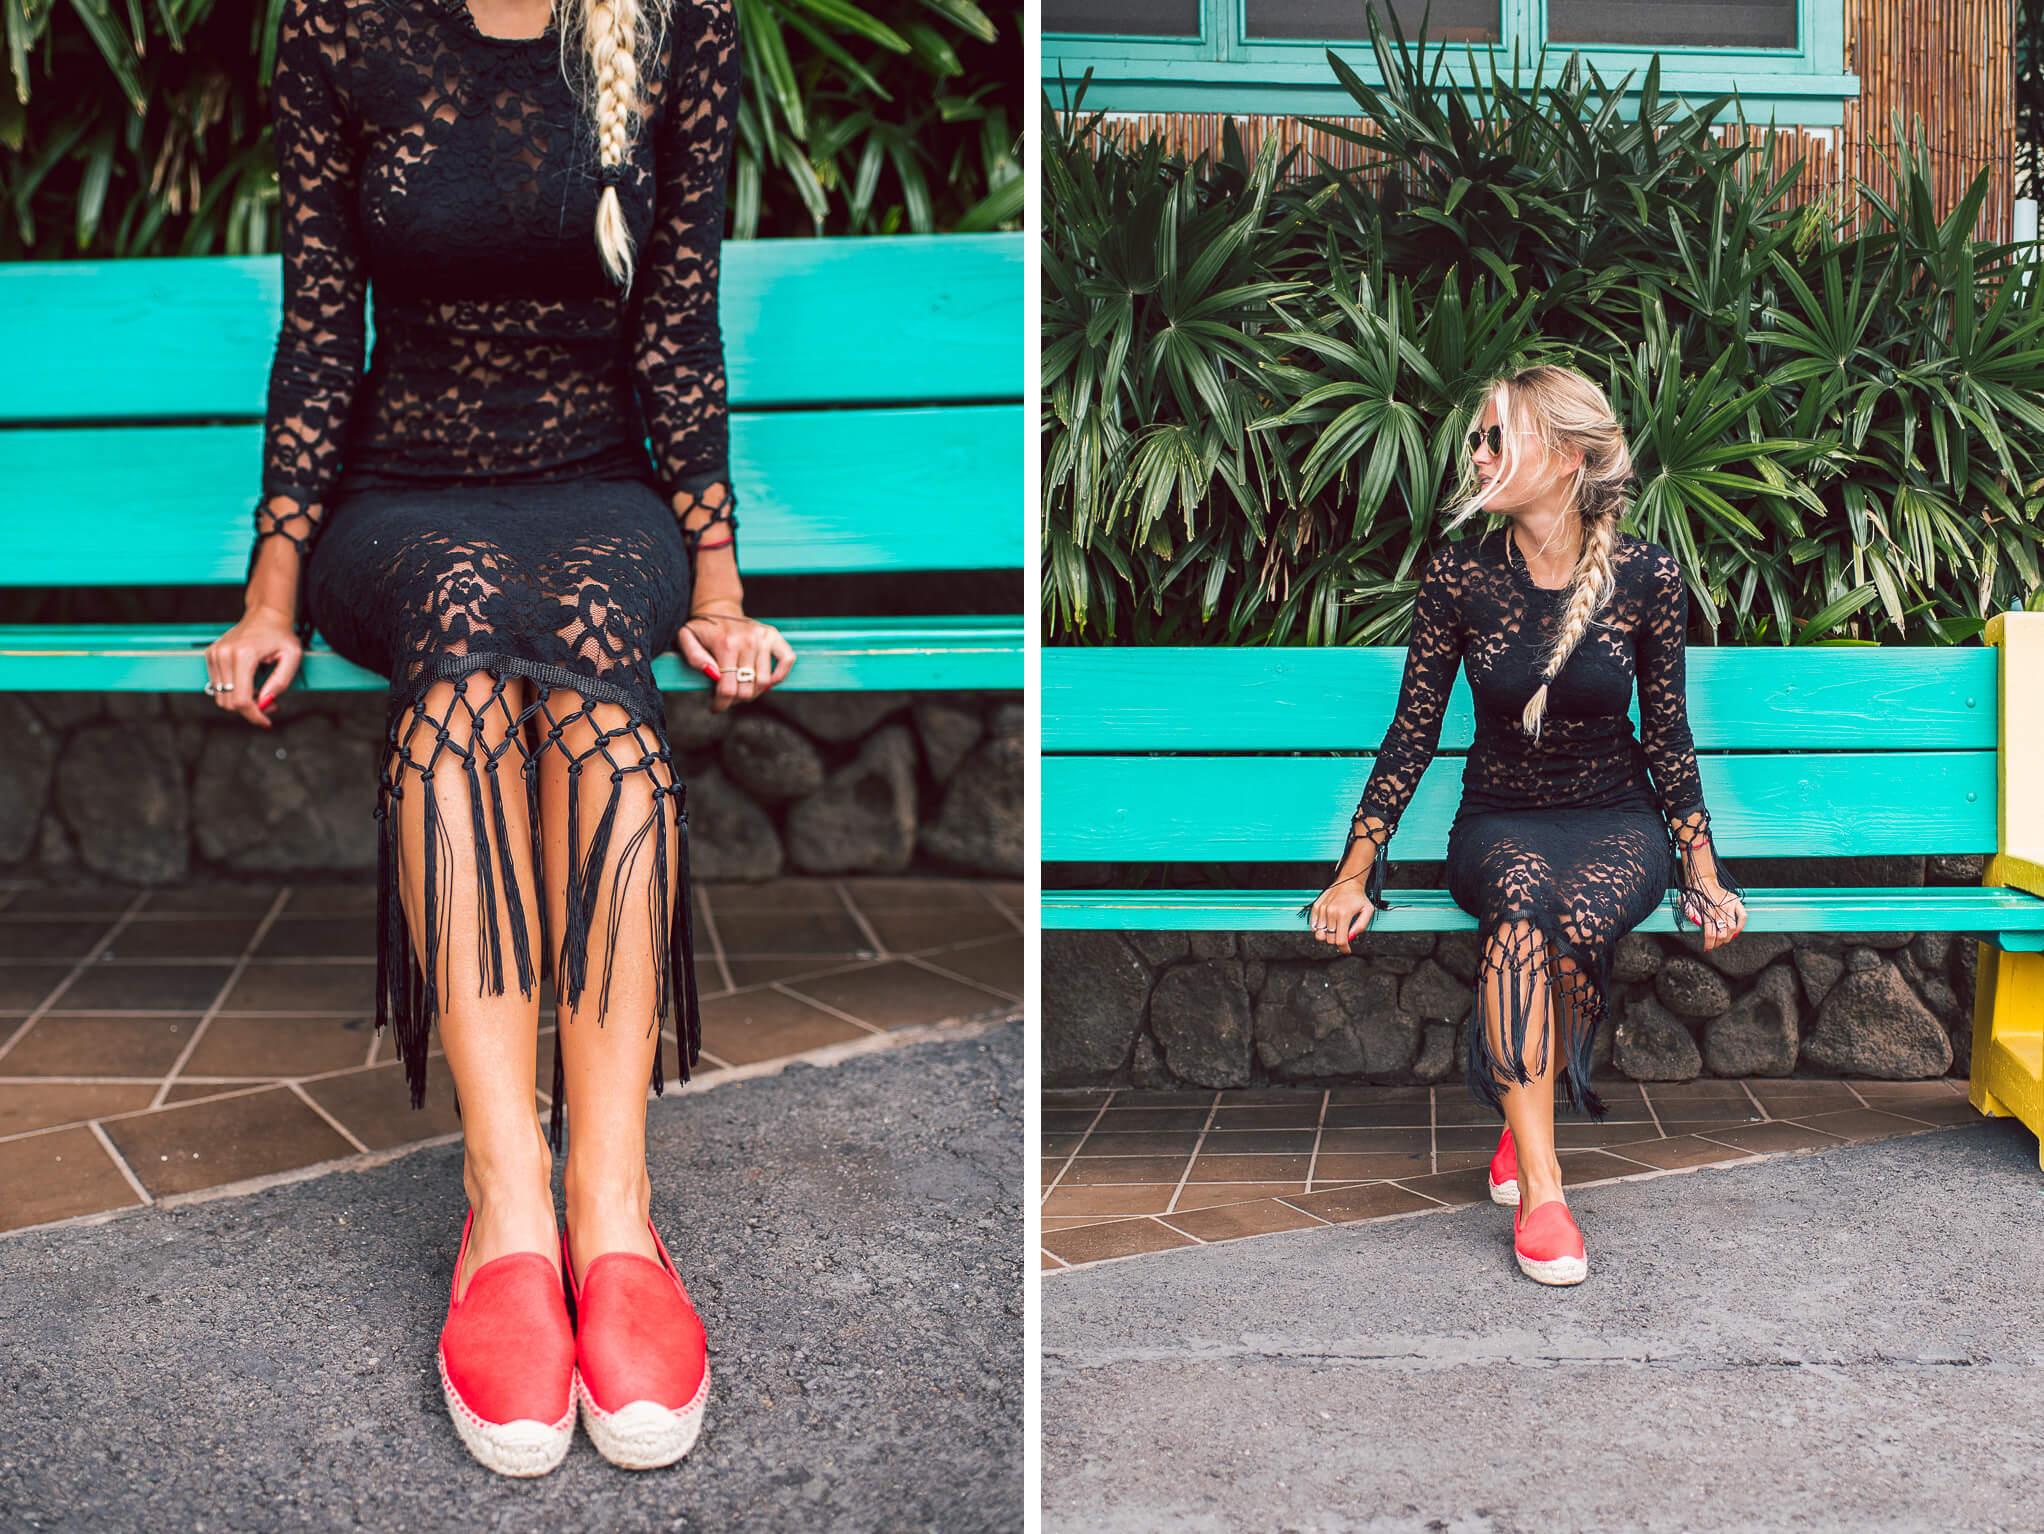 janni-deler-lace-dressDSC_7371 copy